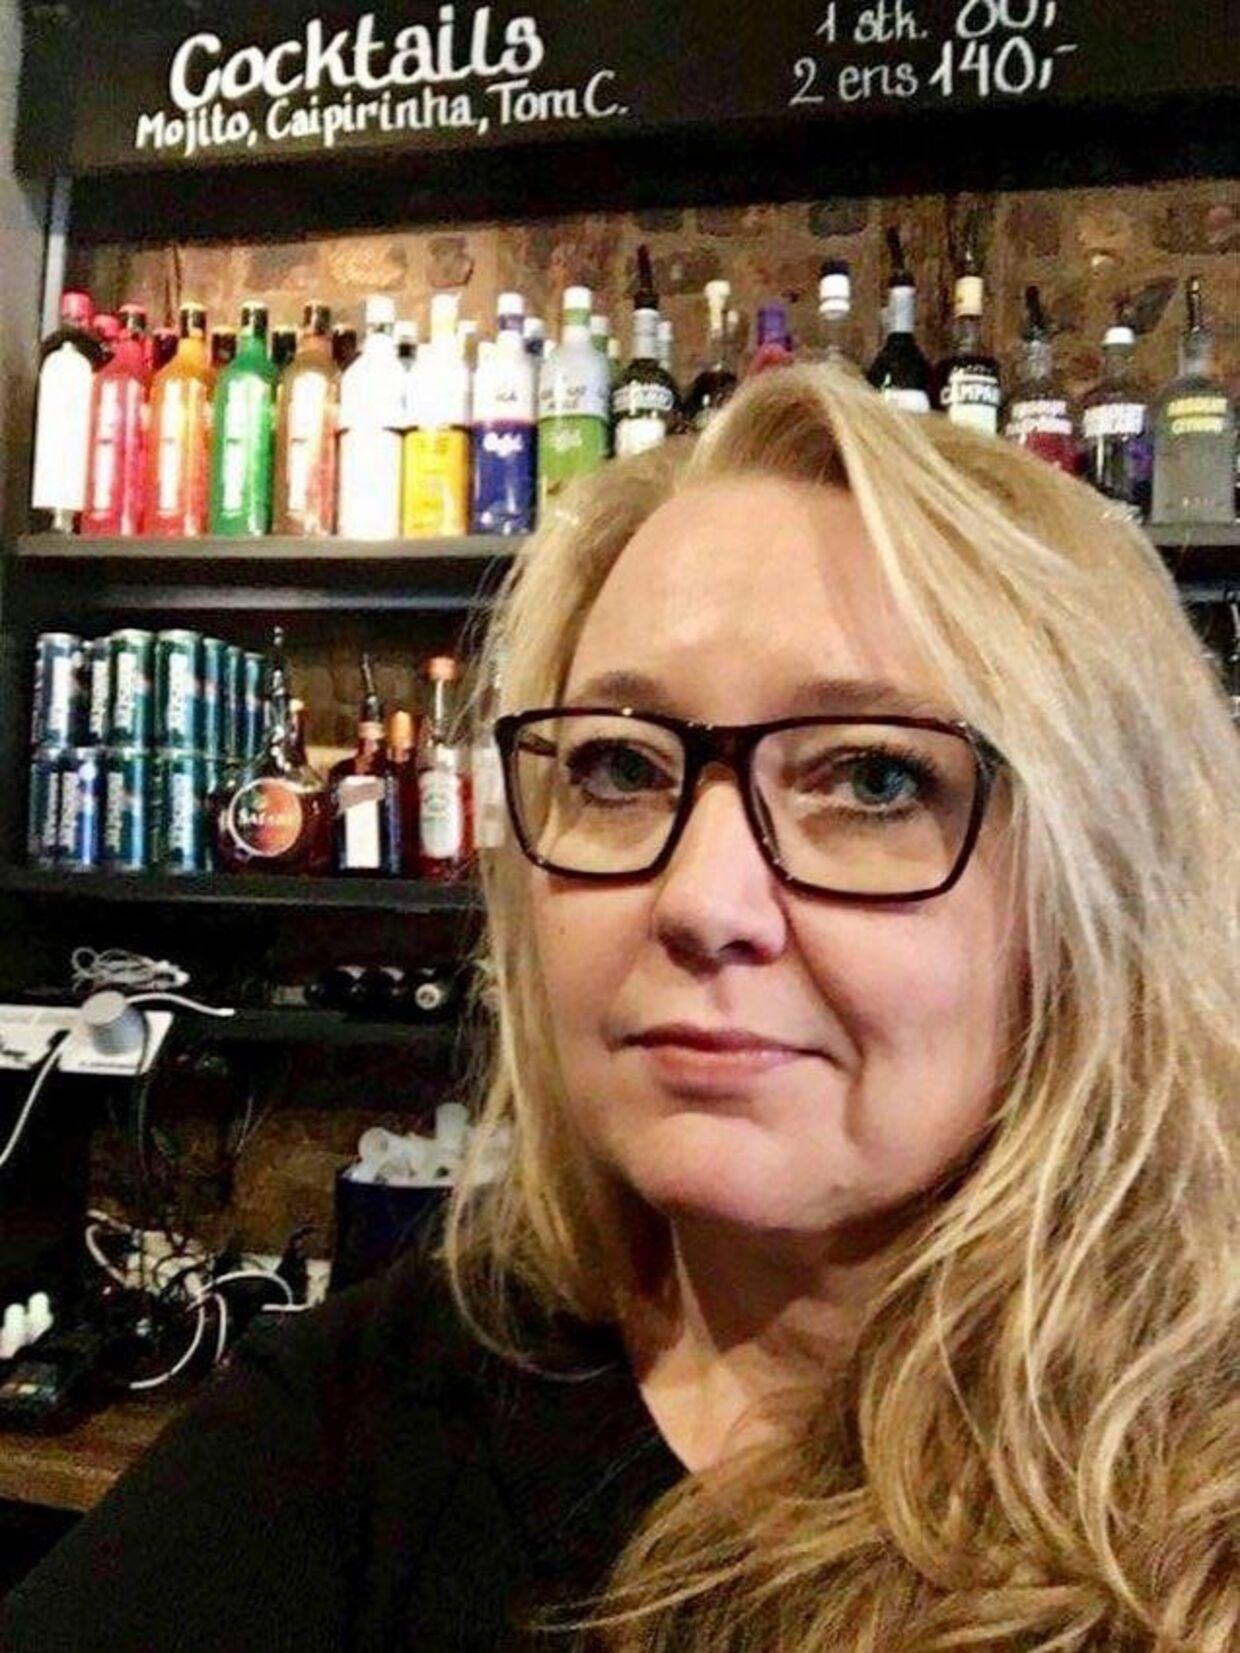 Rikke to barer har stort set været tvangslukket siden 11. marts, hvor Mette Frederiksen lukke Danmark ned. Kun kortvarrig i sommer kunne barer holde åbent under restriktioner. Privatfoto.